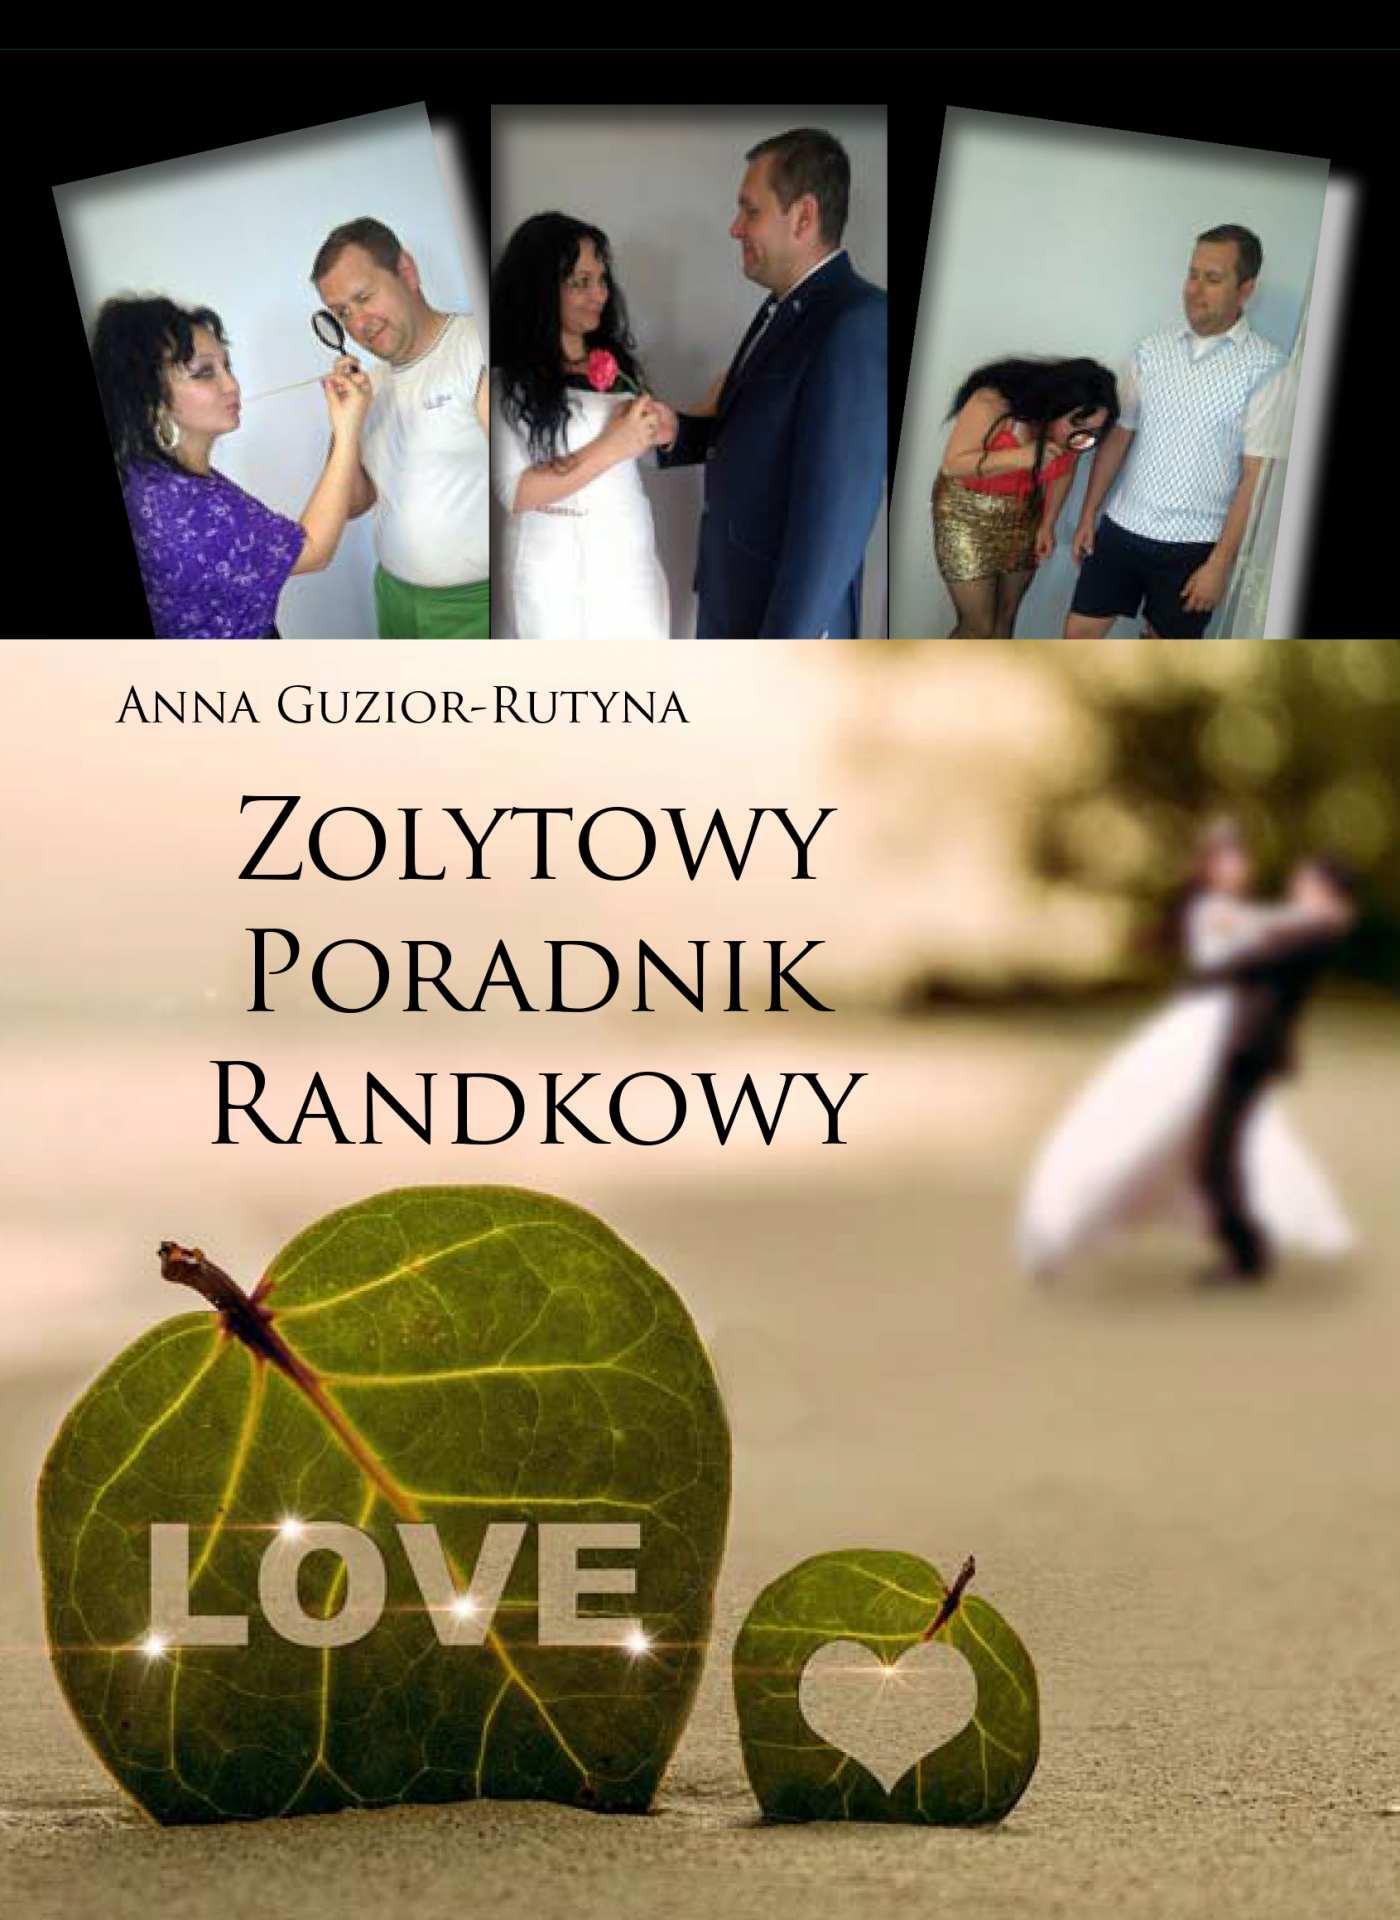 Zolytowy poradnik randkowy - Ebook (Książka PDF) do pobrania w formacie PDF